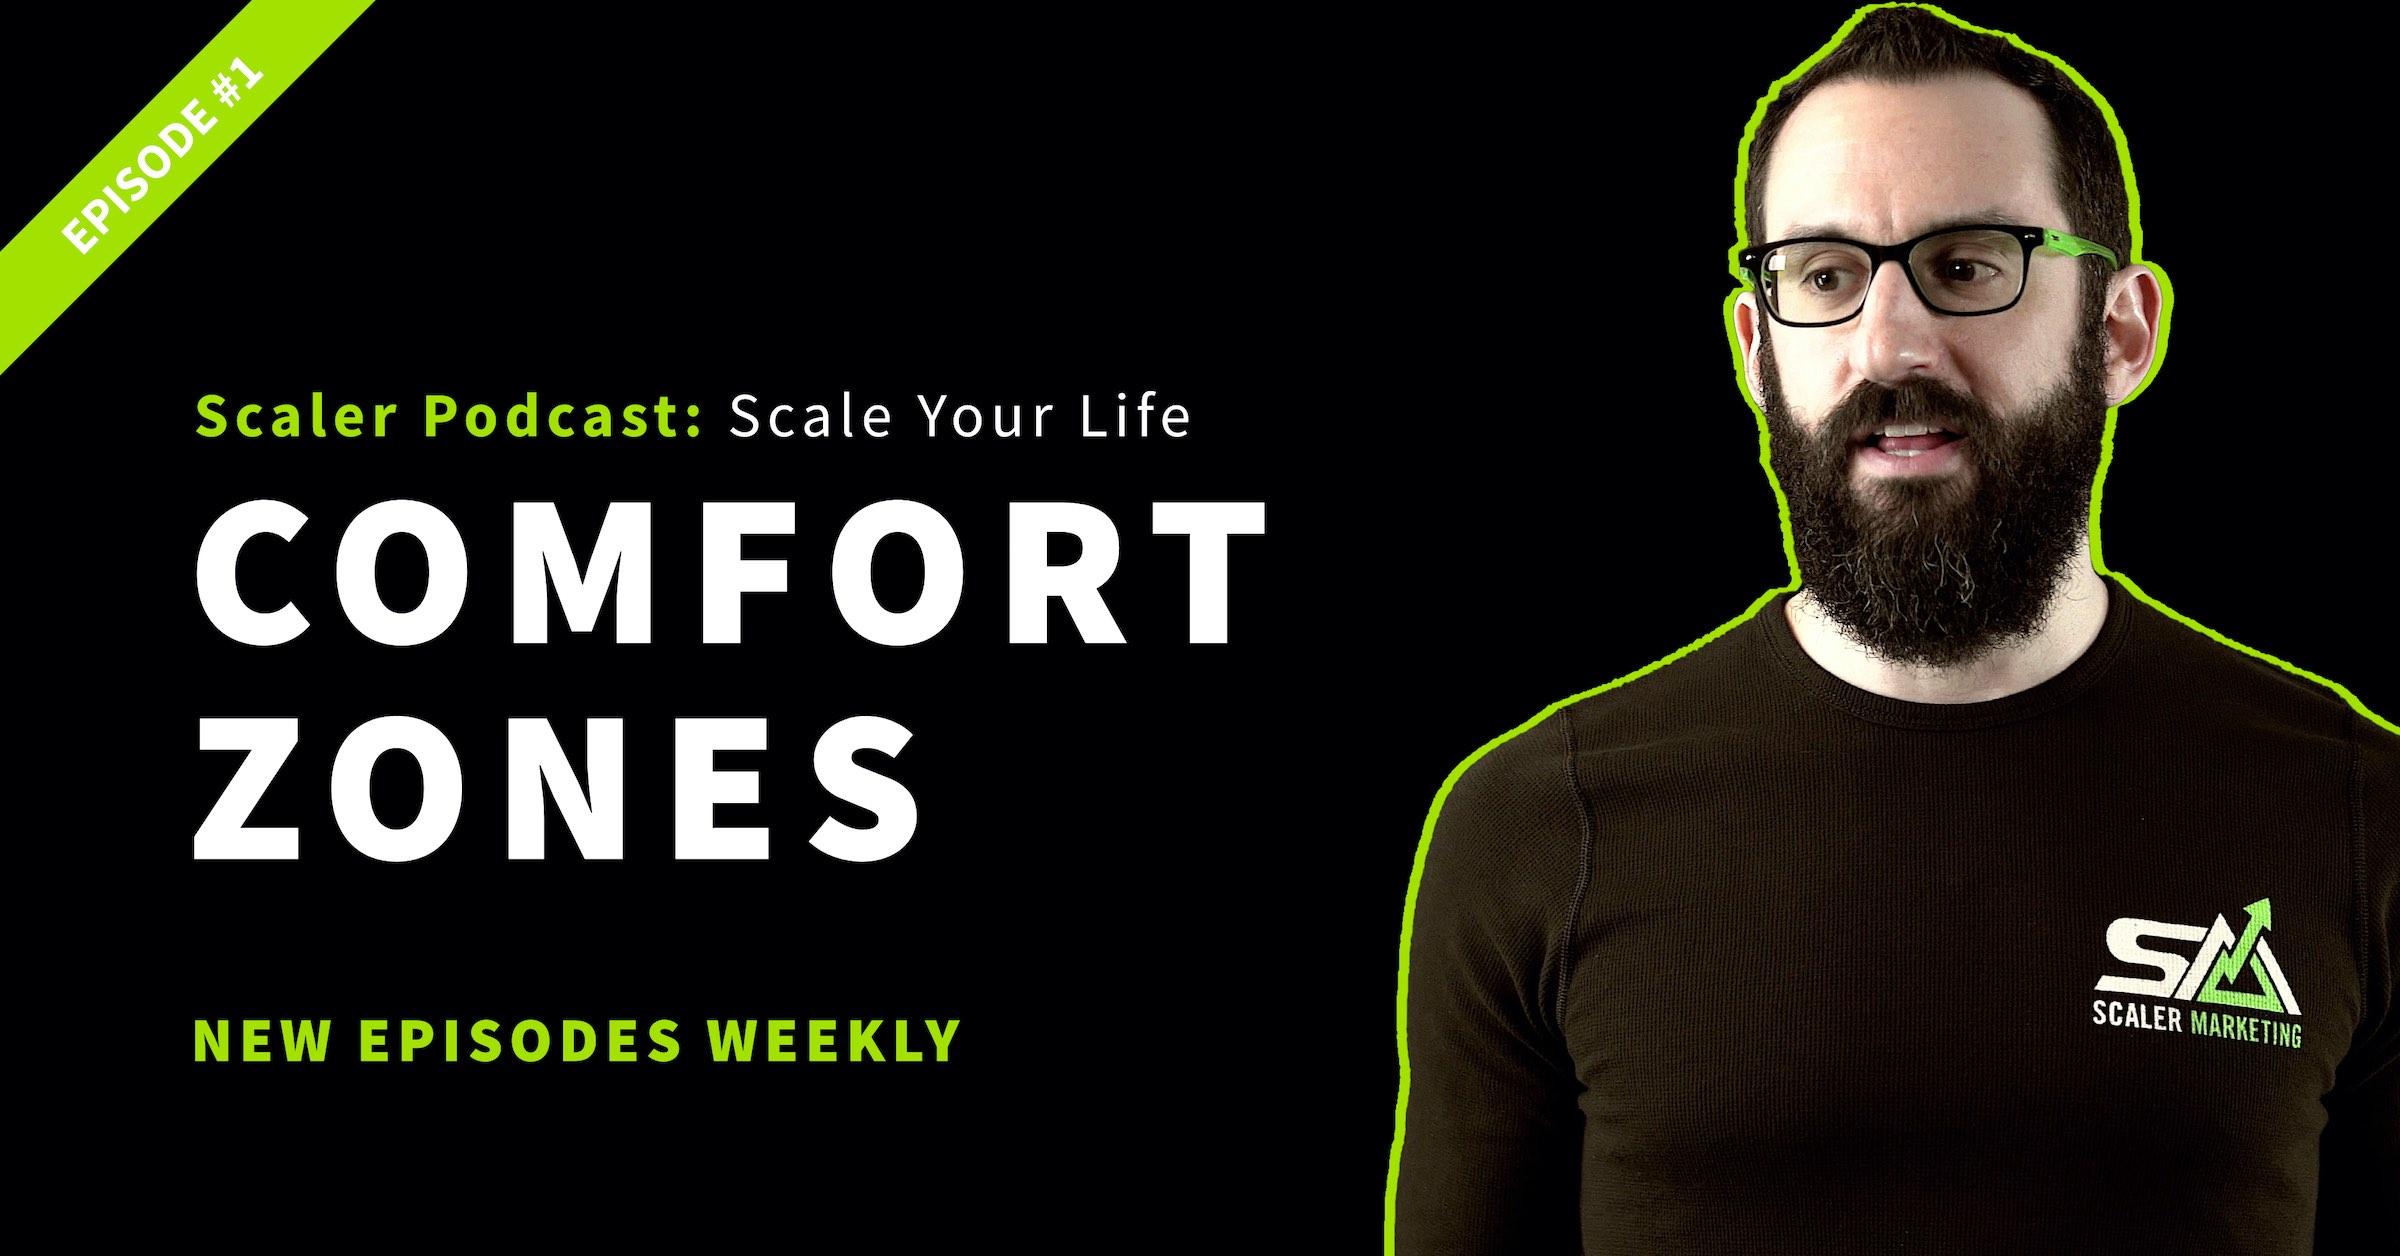 Episode 1 - Comfort Zones